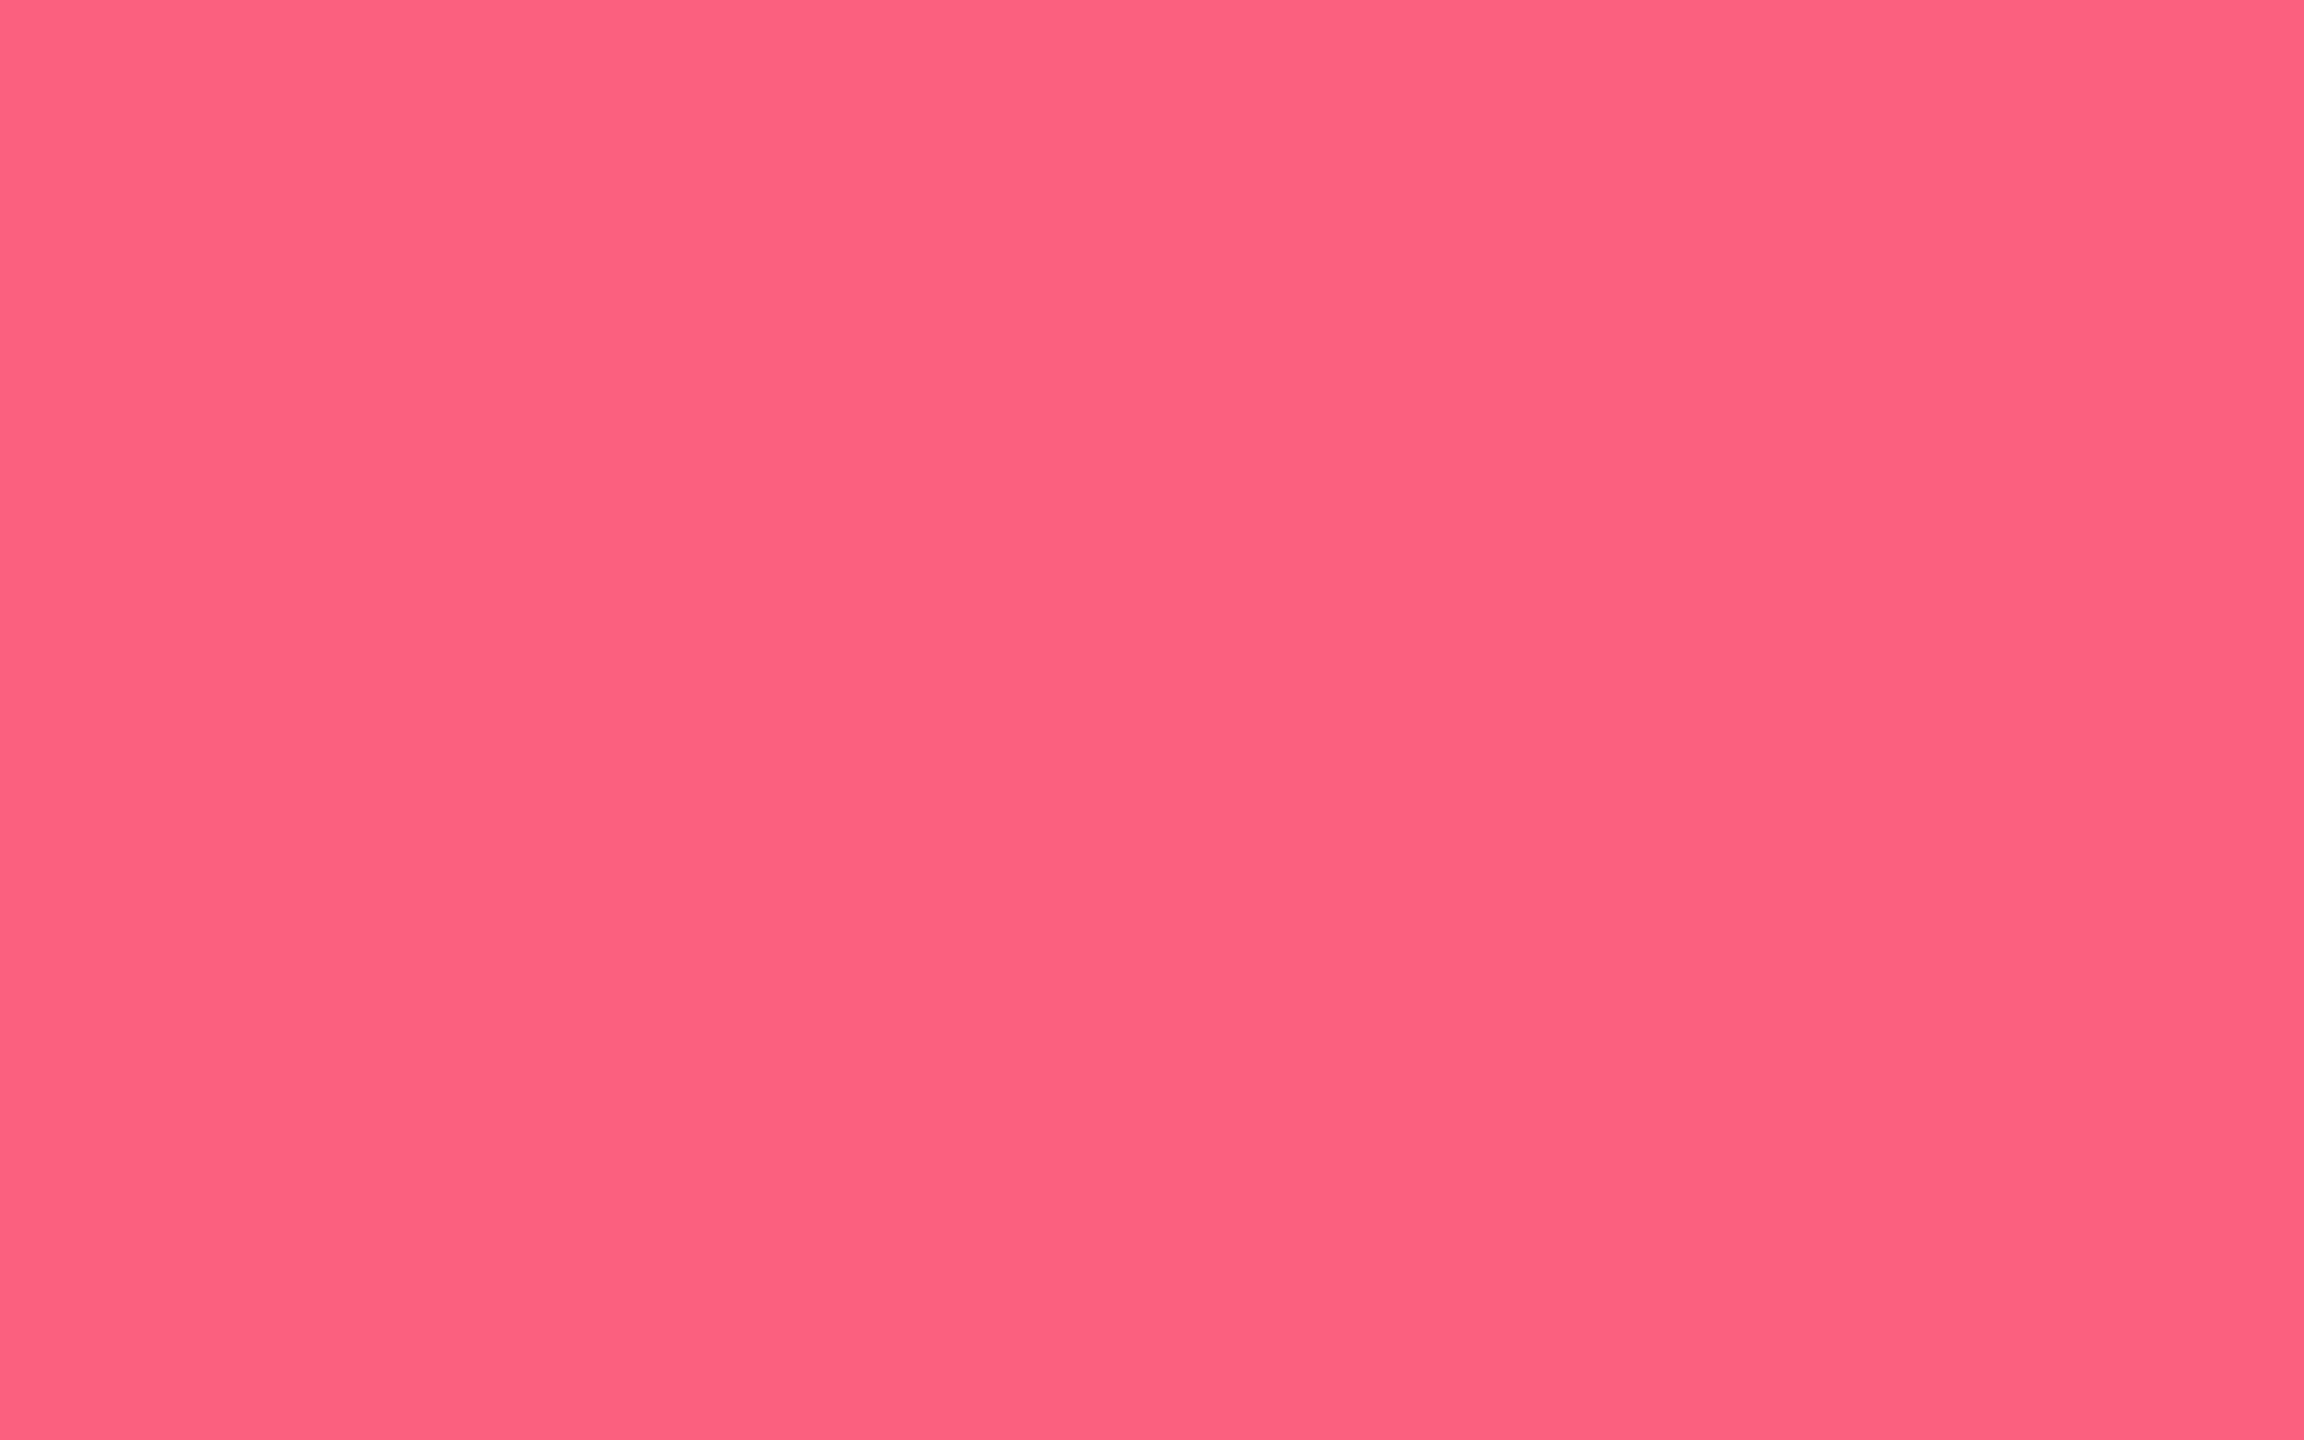 2304x1440 Brink Pink Solid Color Background